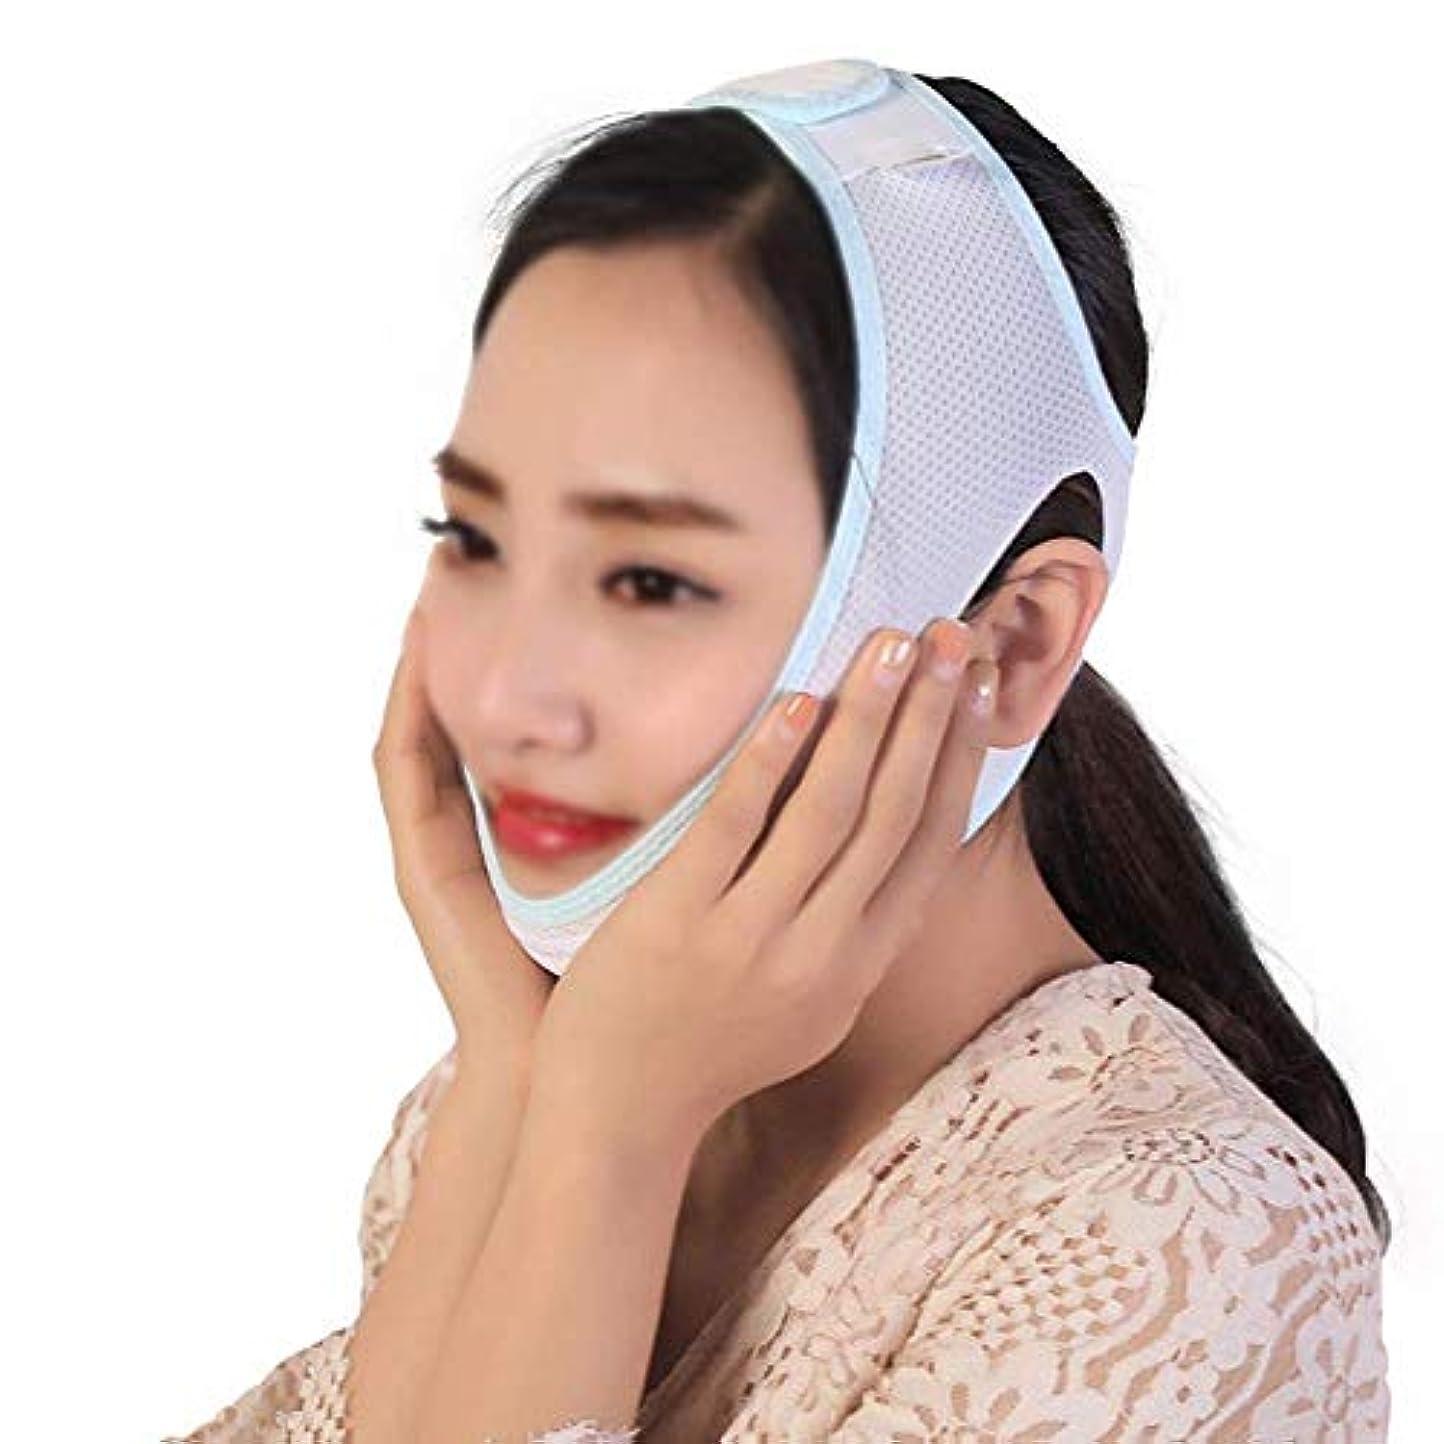 教アグネスグレイ重要な役割を果たす、中心的な手段となるファーミングフェイスマスク、スモールVフェイスアーティファクトリフティングフェイスプラスチックフェイスマスクコンフォートアップグレードの最適化フェイスカーブの包括的な通気性包帯の改善(サイズ:L)